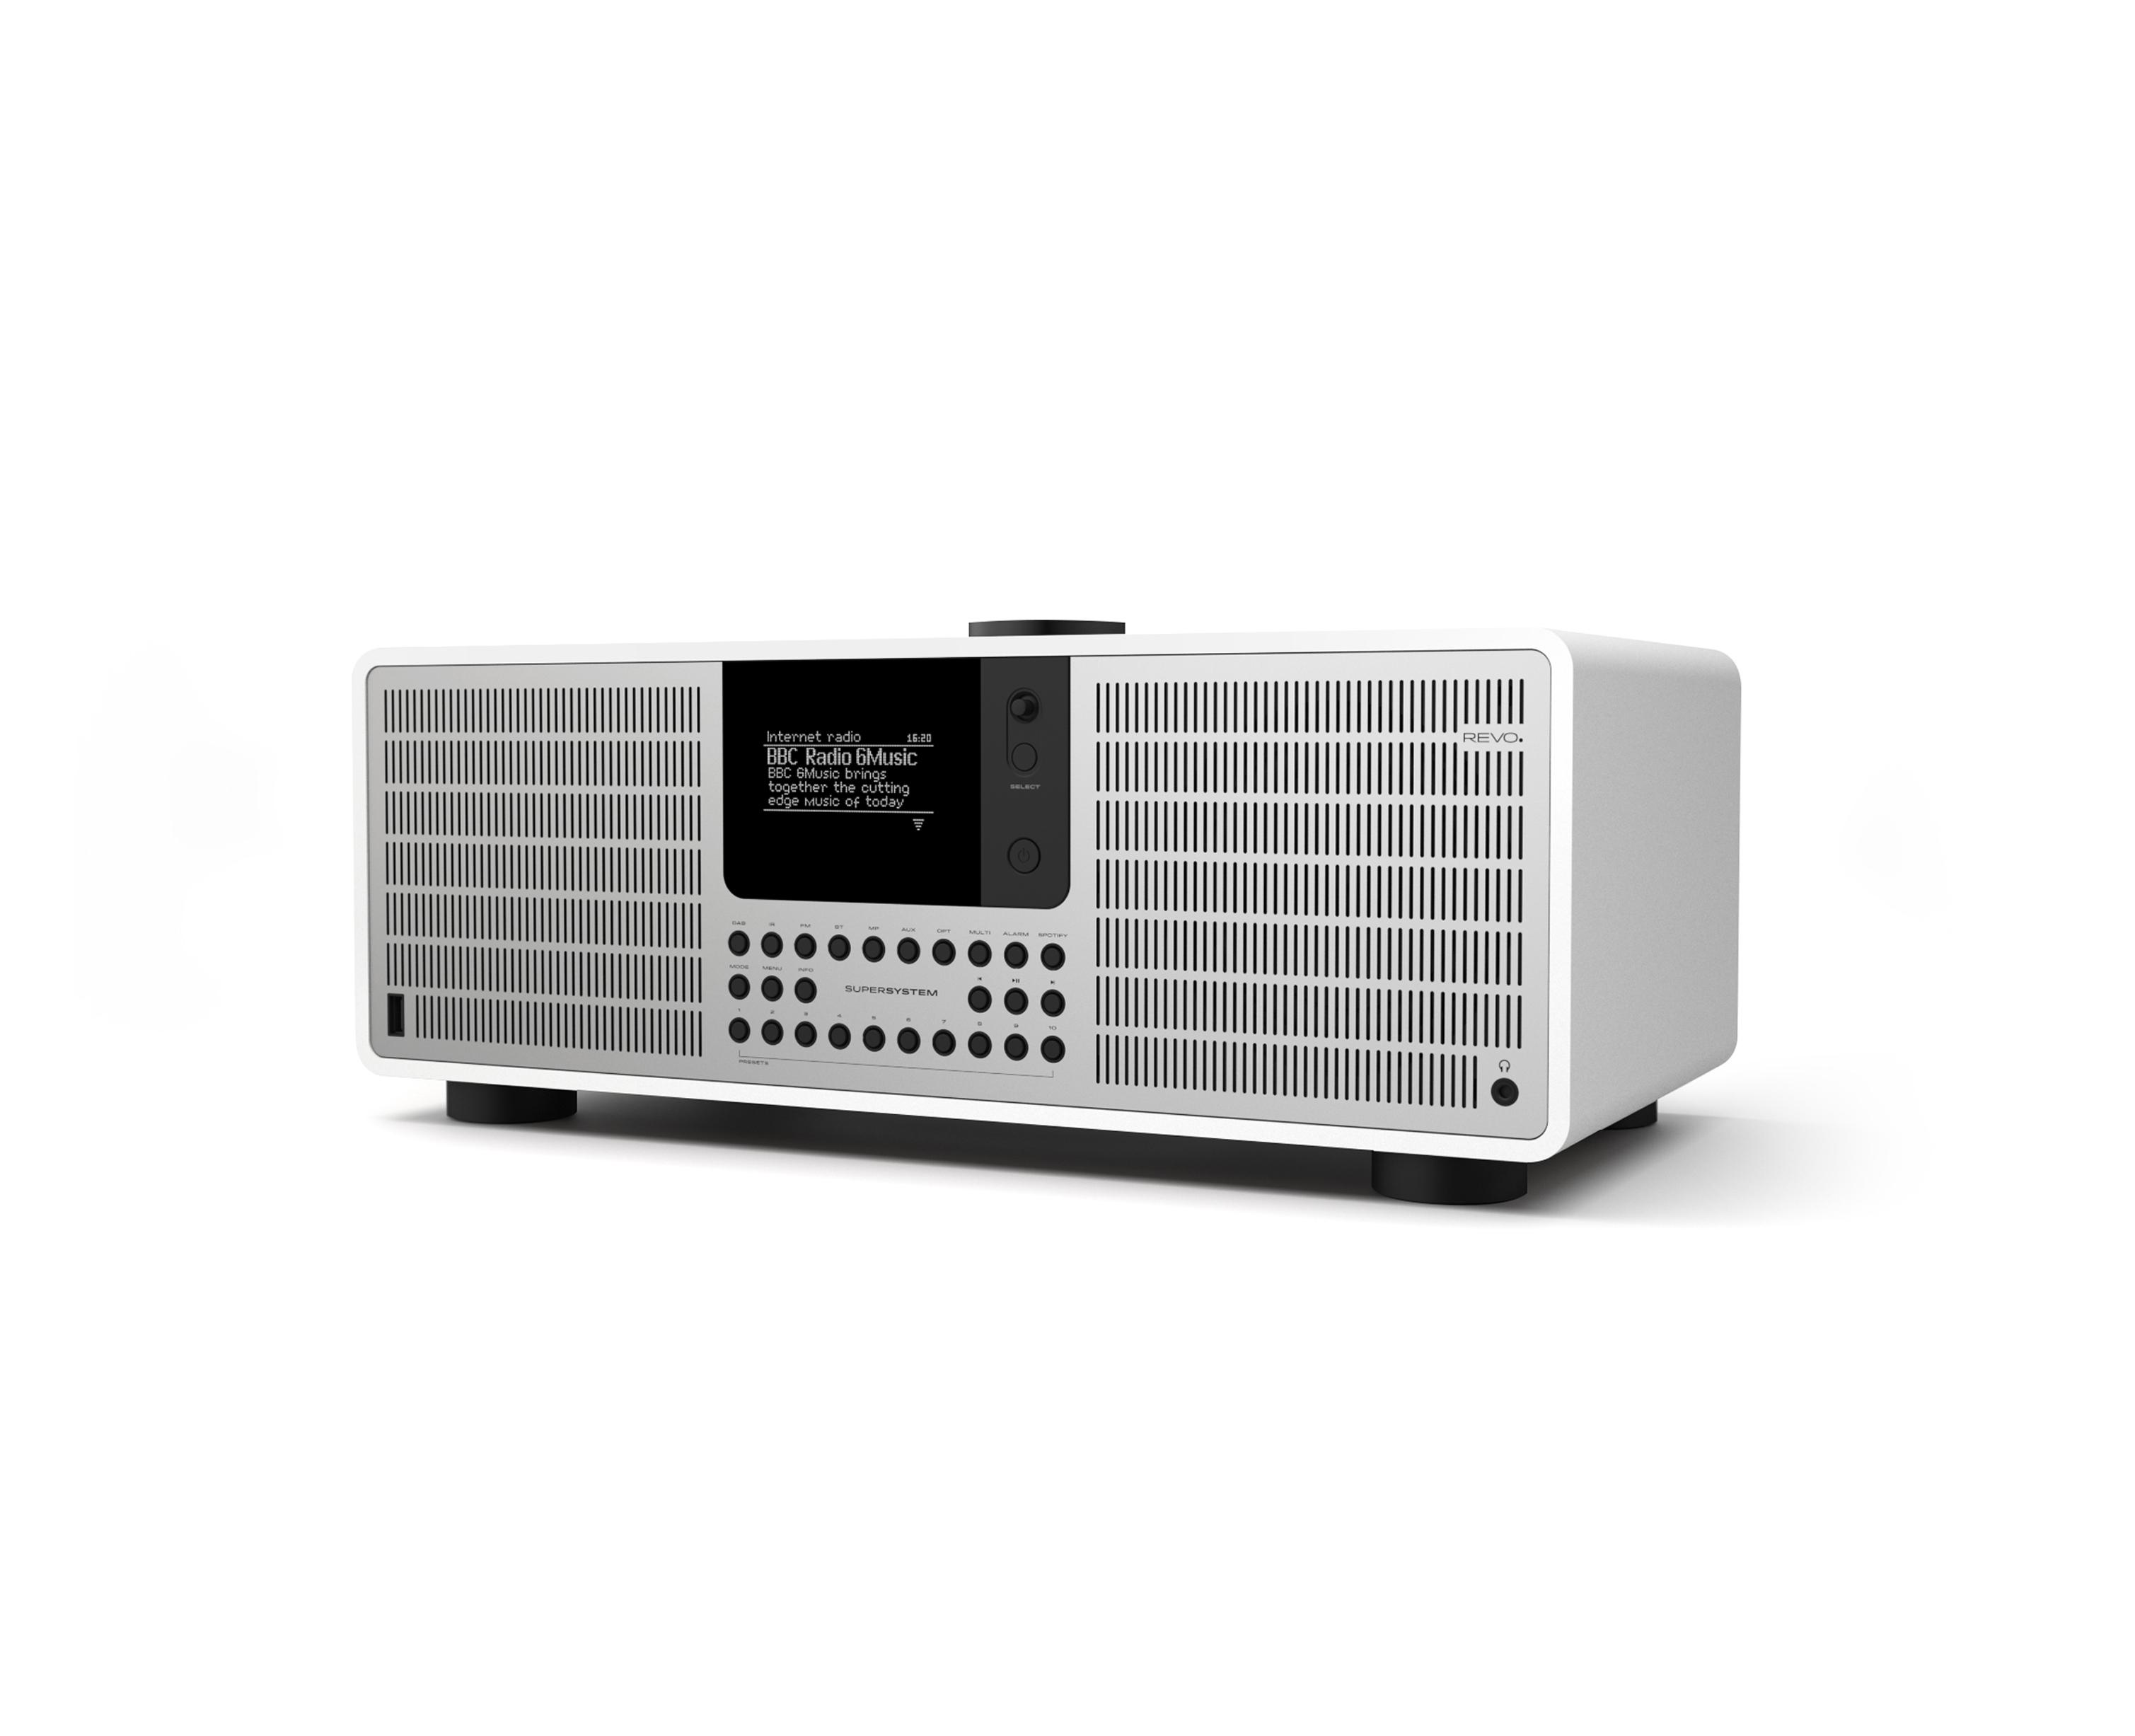 REVO Technologies SuperSystem - Persönlich - Digital - DAB+,DMB,FM - 80 W - OLED - 6,86 cm (2.7 Zoll)